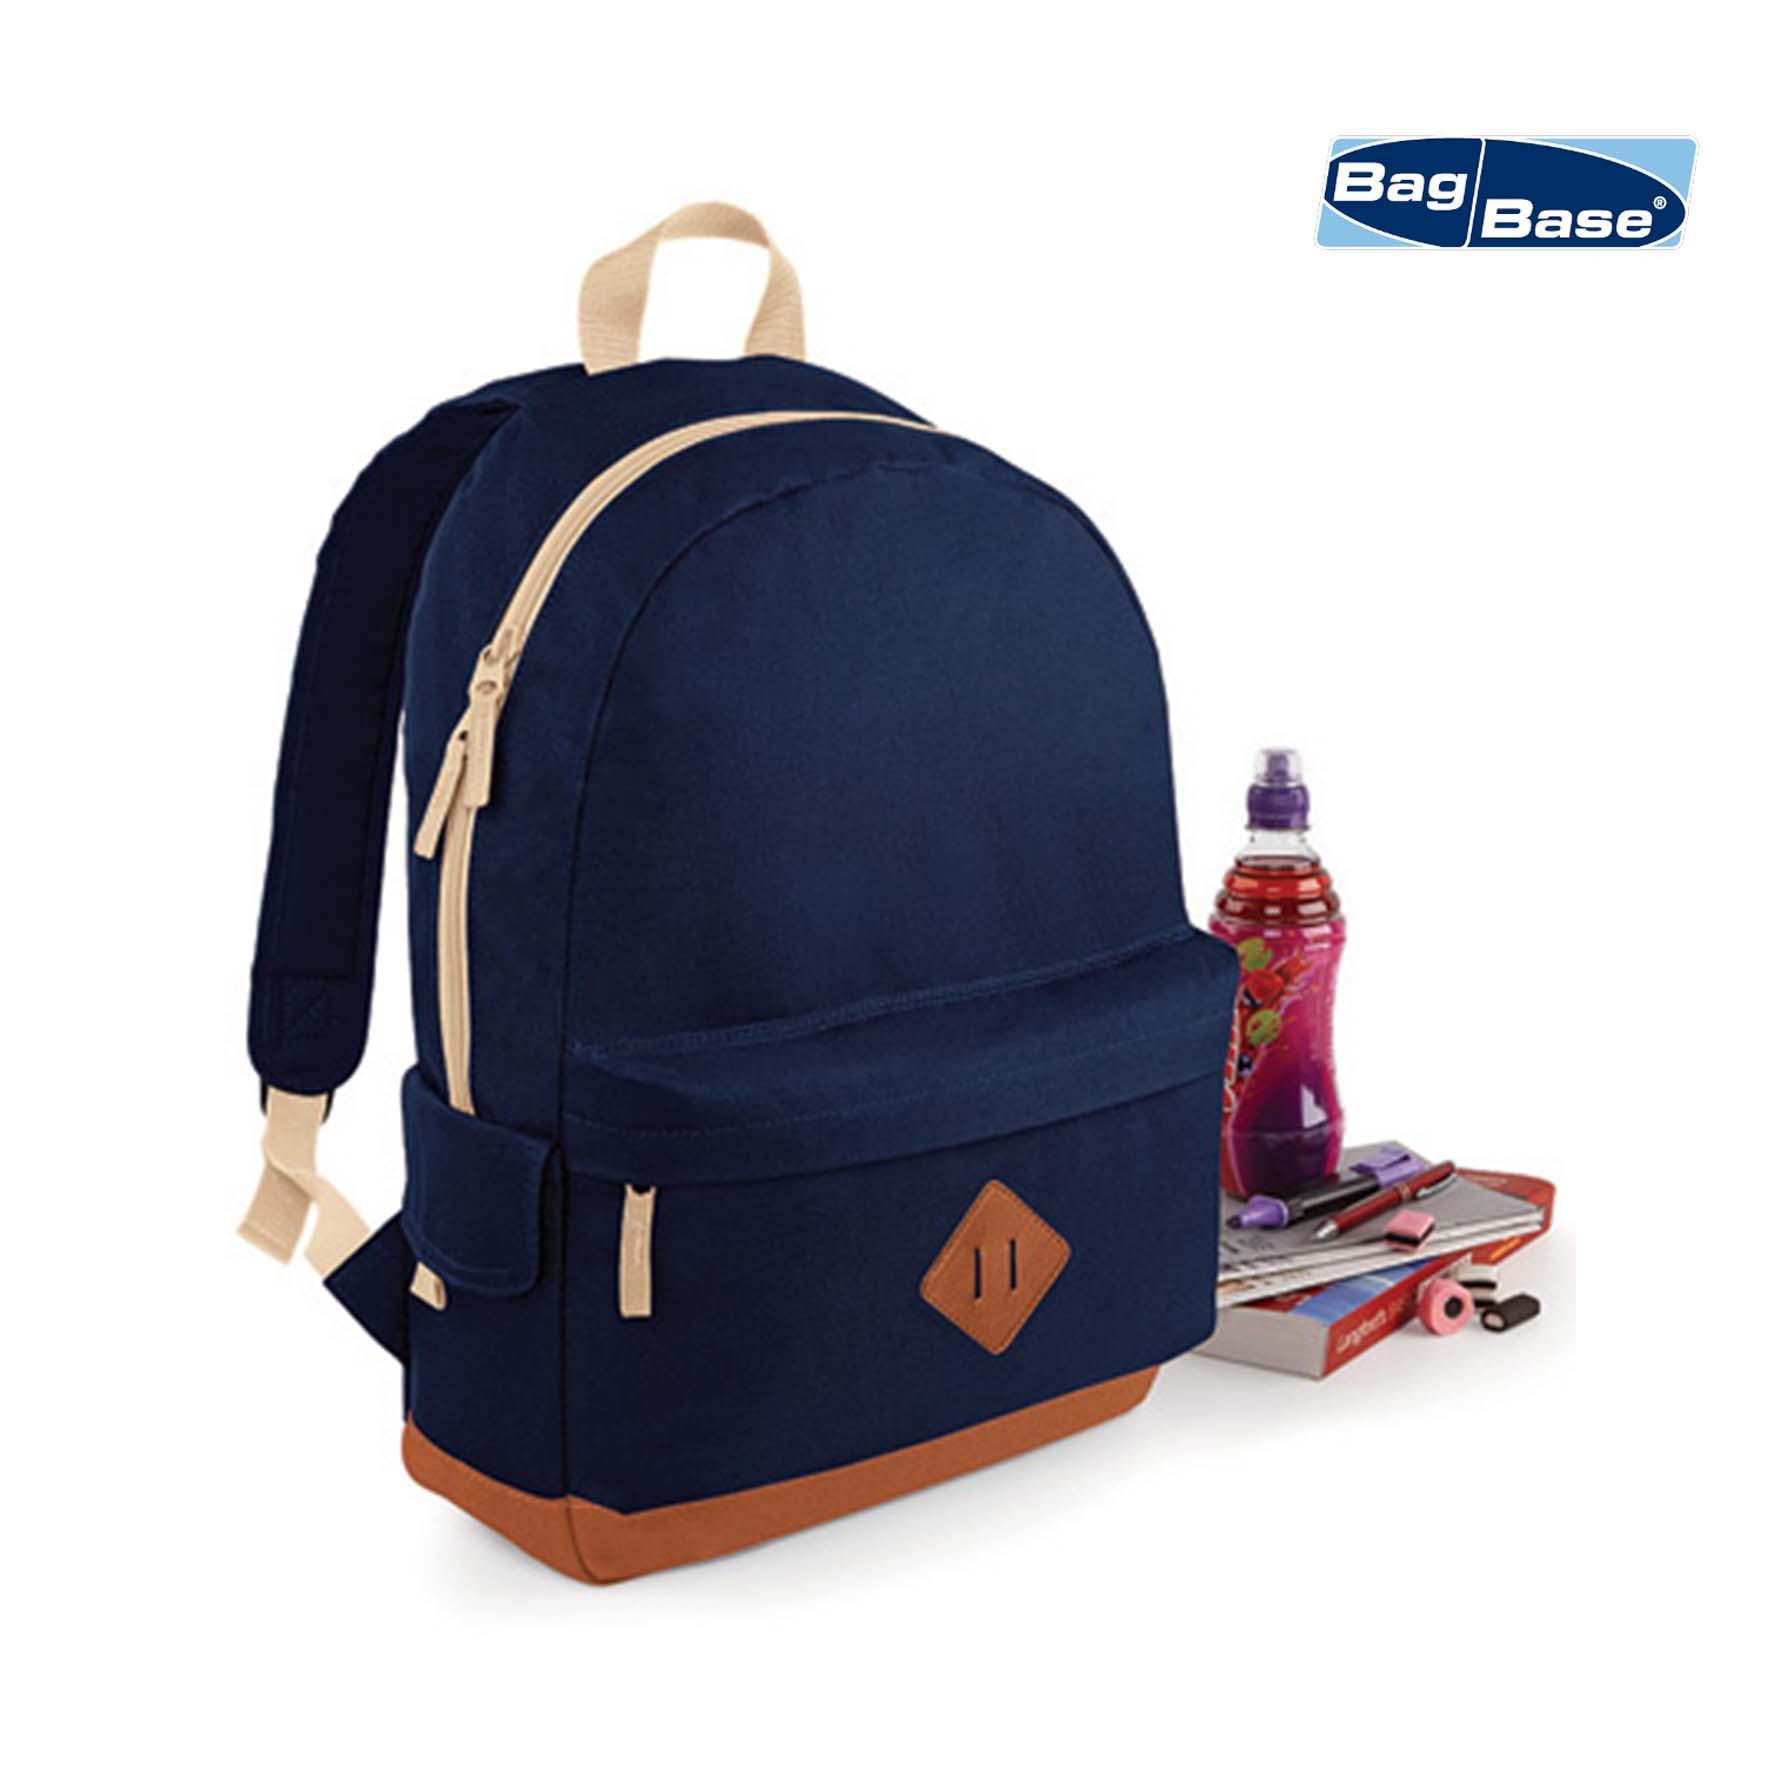 BG825 - Heritage Backpack Bag Base